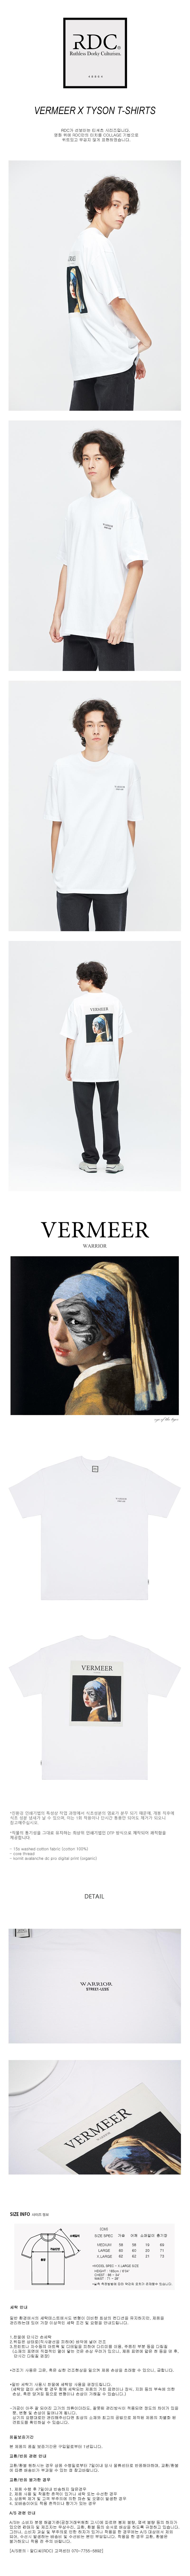 VERMEER T-SHIRTS.jpg